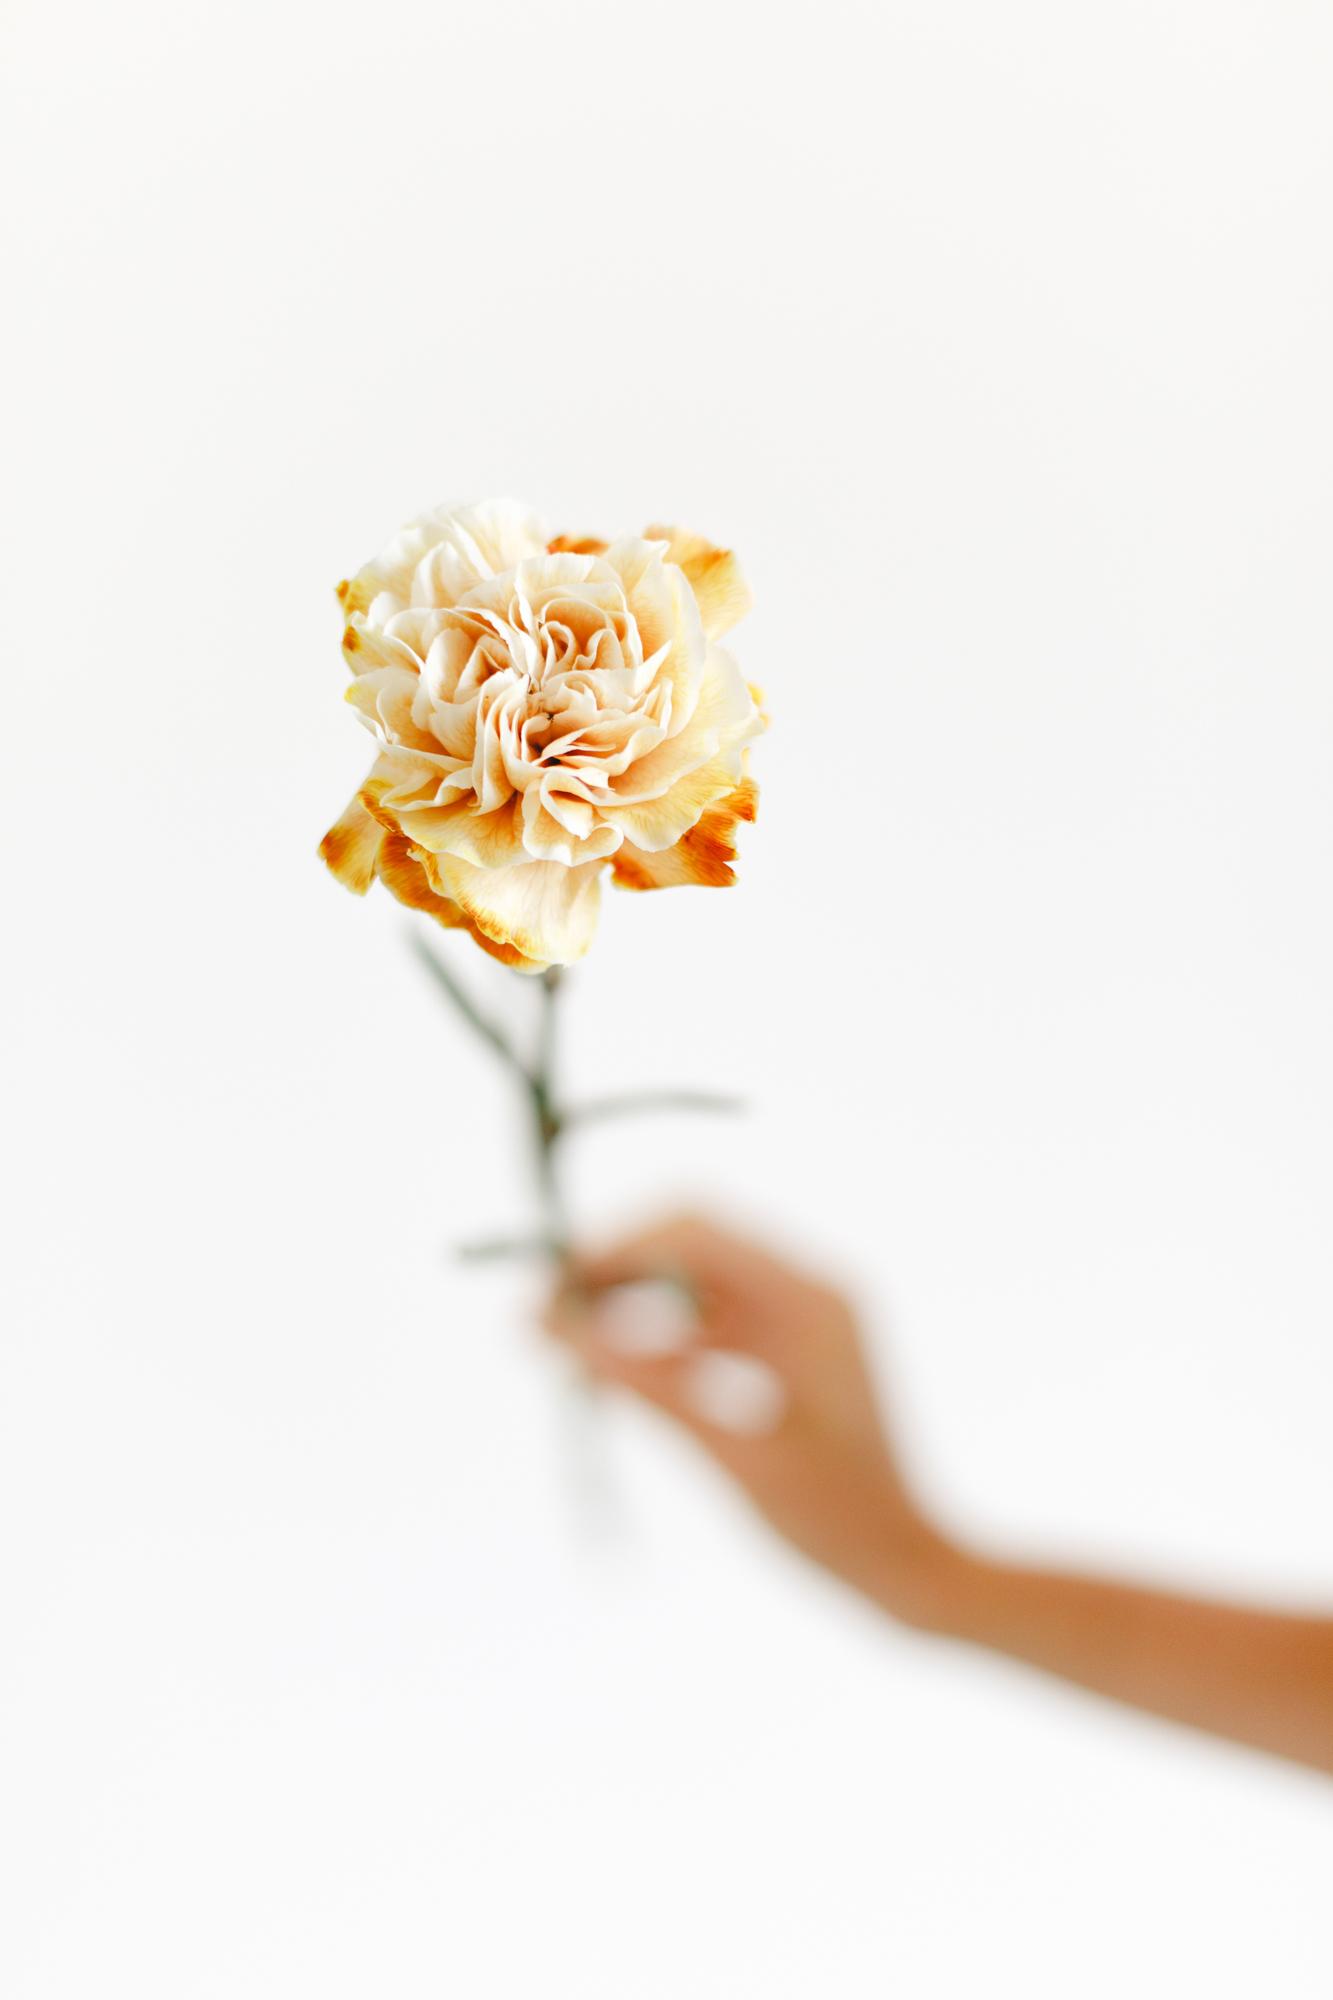 oeillet teinte viproses formation fleuriste financee